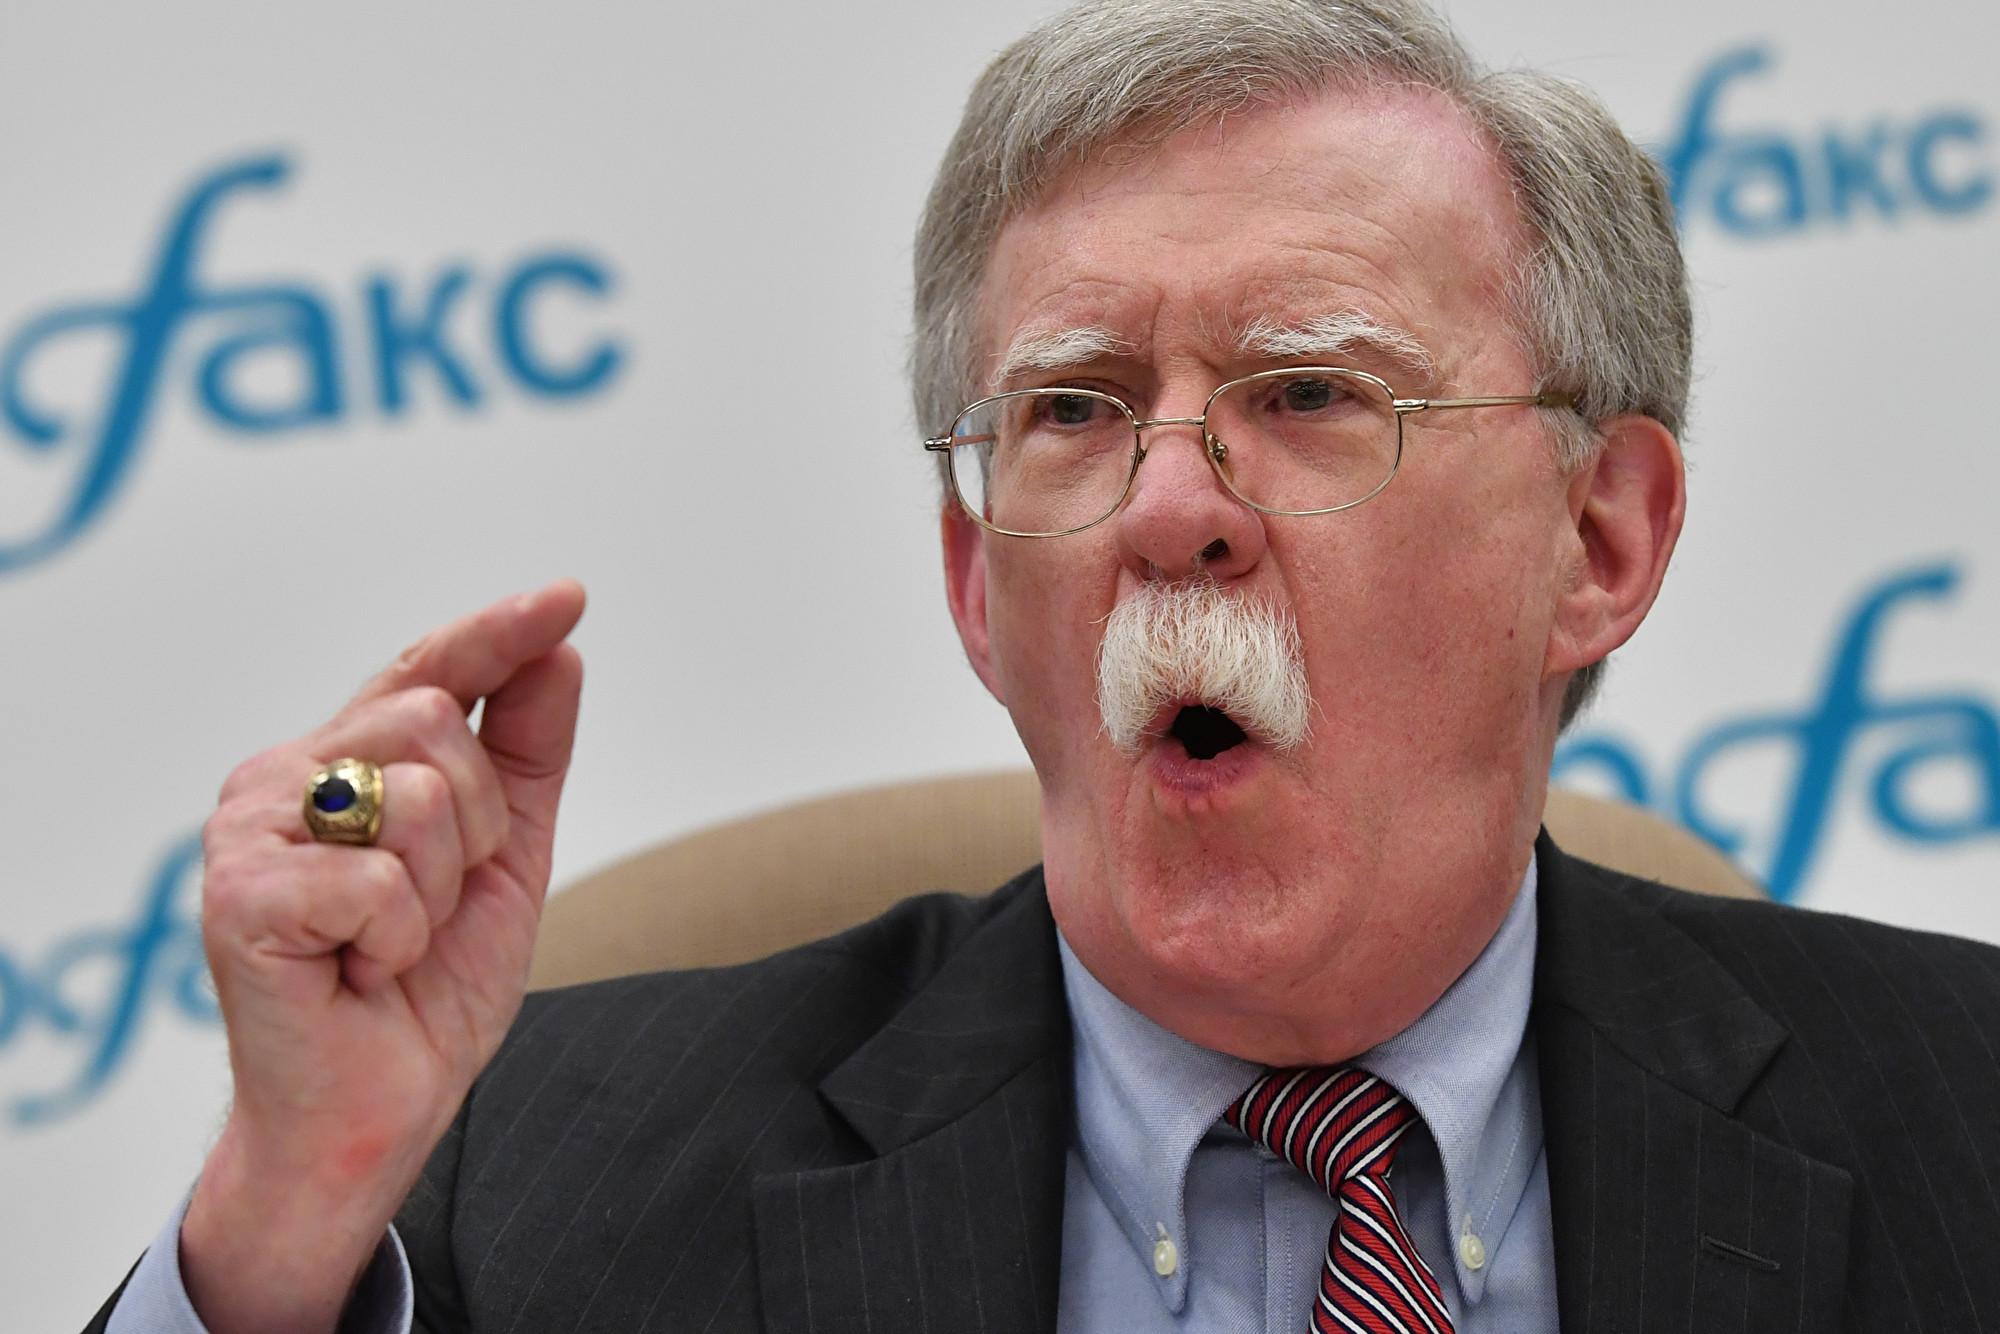 博爾頓離職 塔利班促請美國恢復阿富汗和談